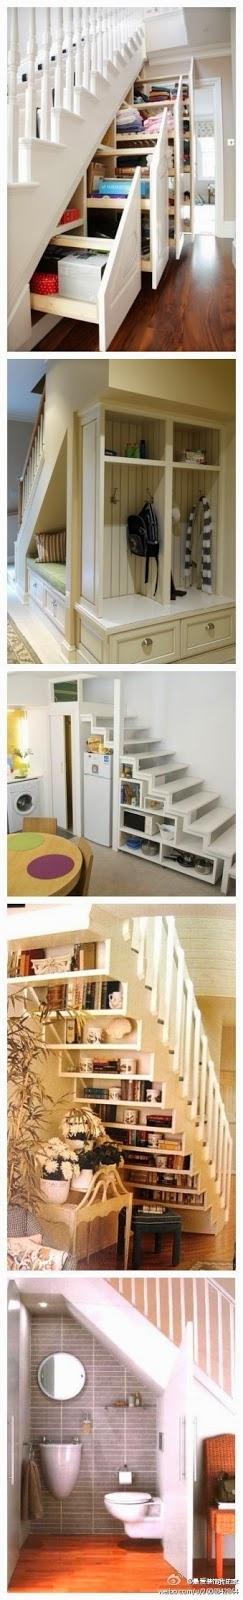 Aprovechamiento del espacio libre bajo las escaleras